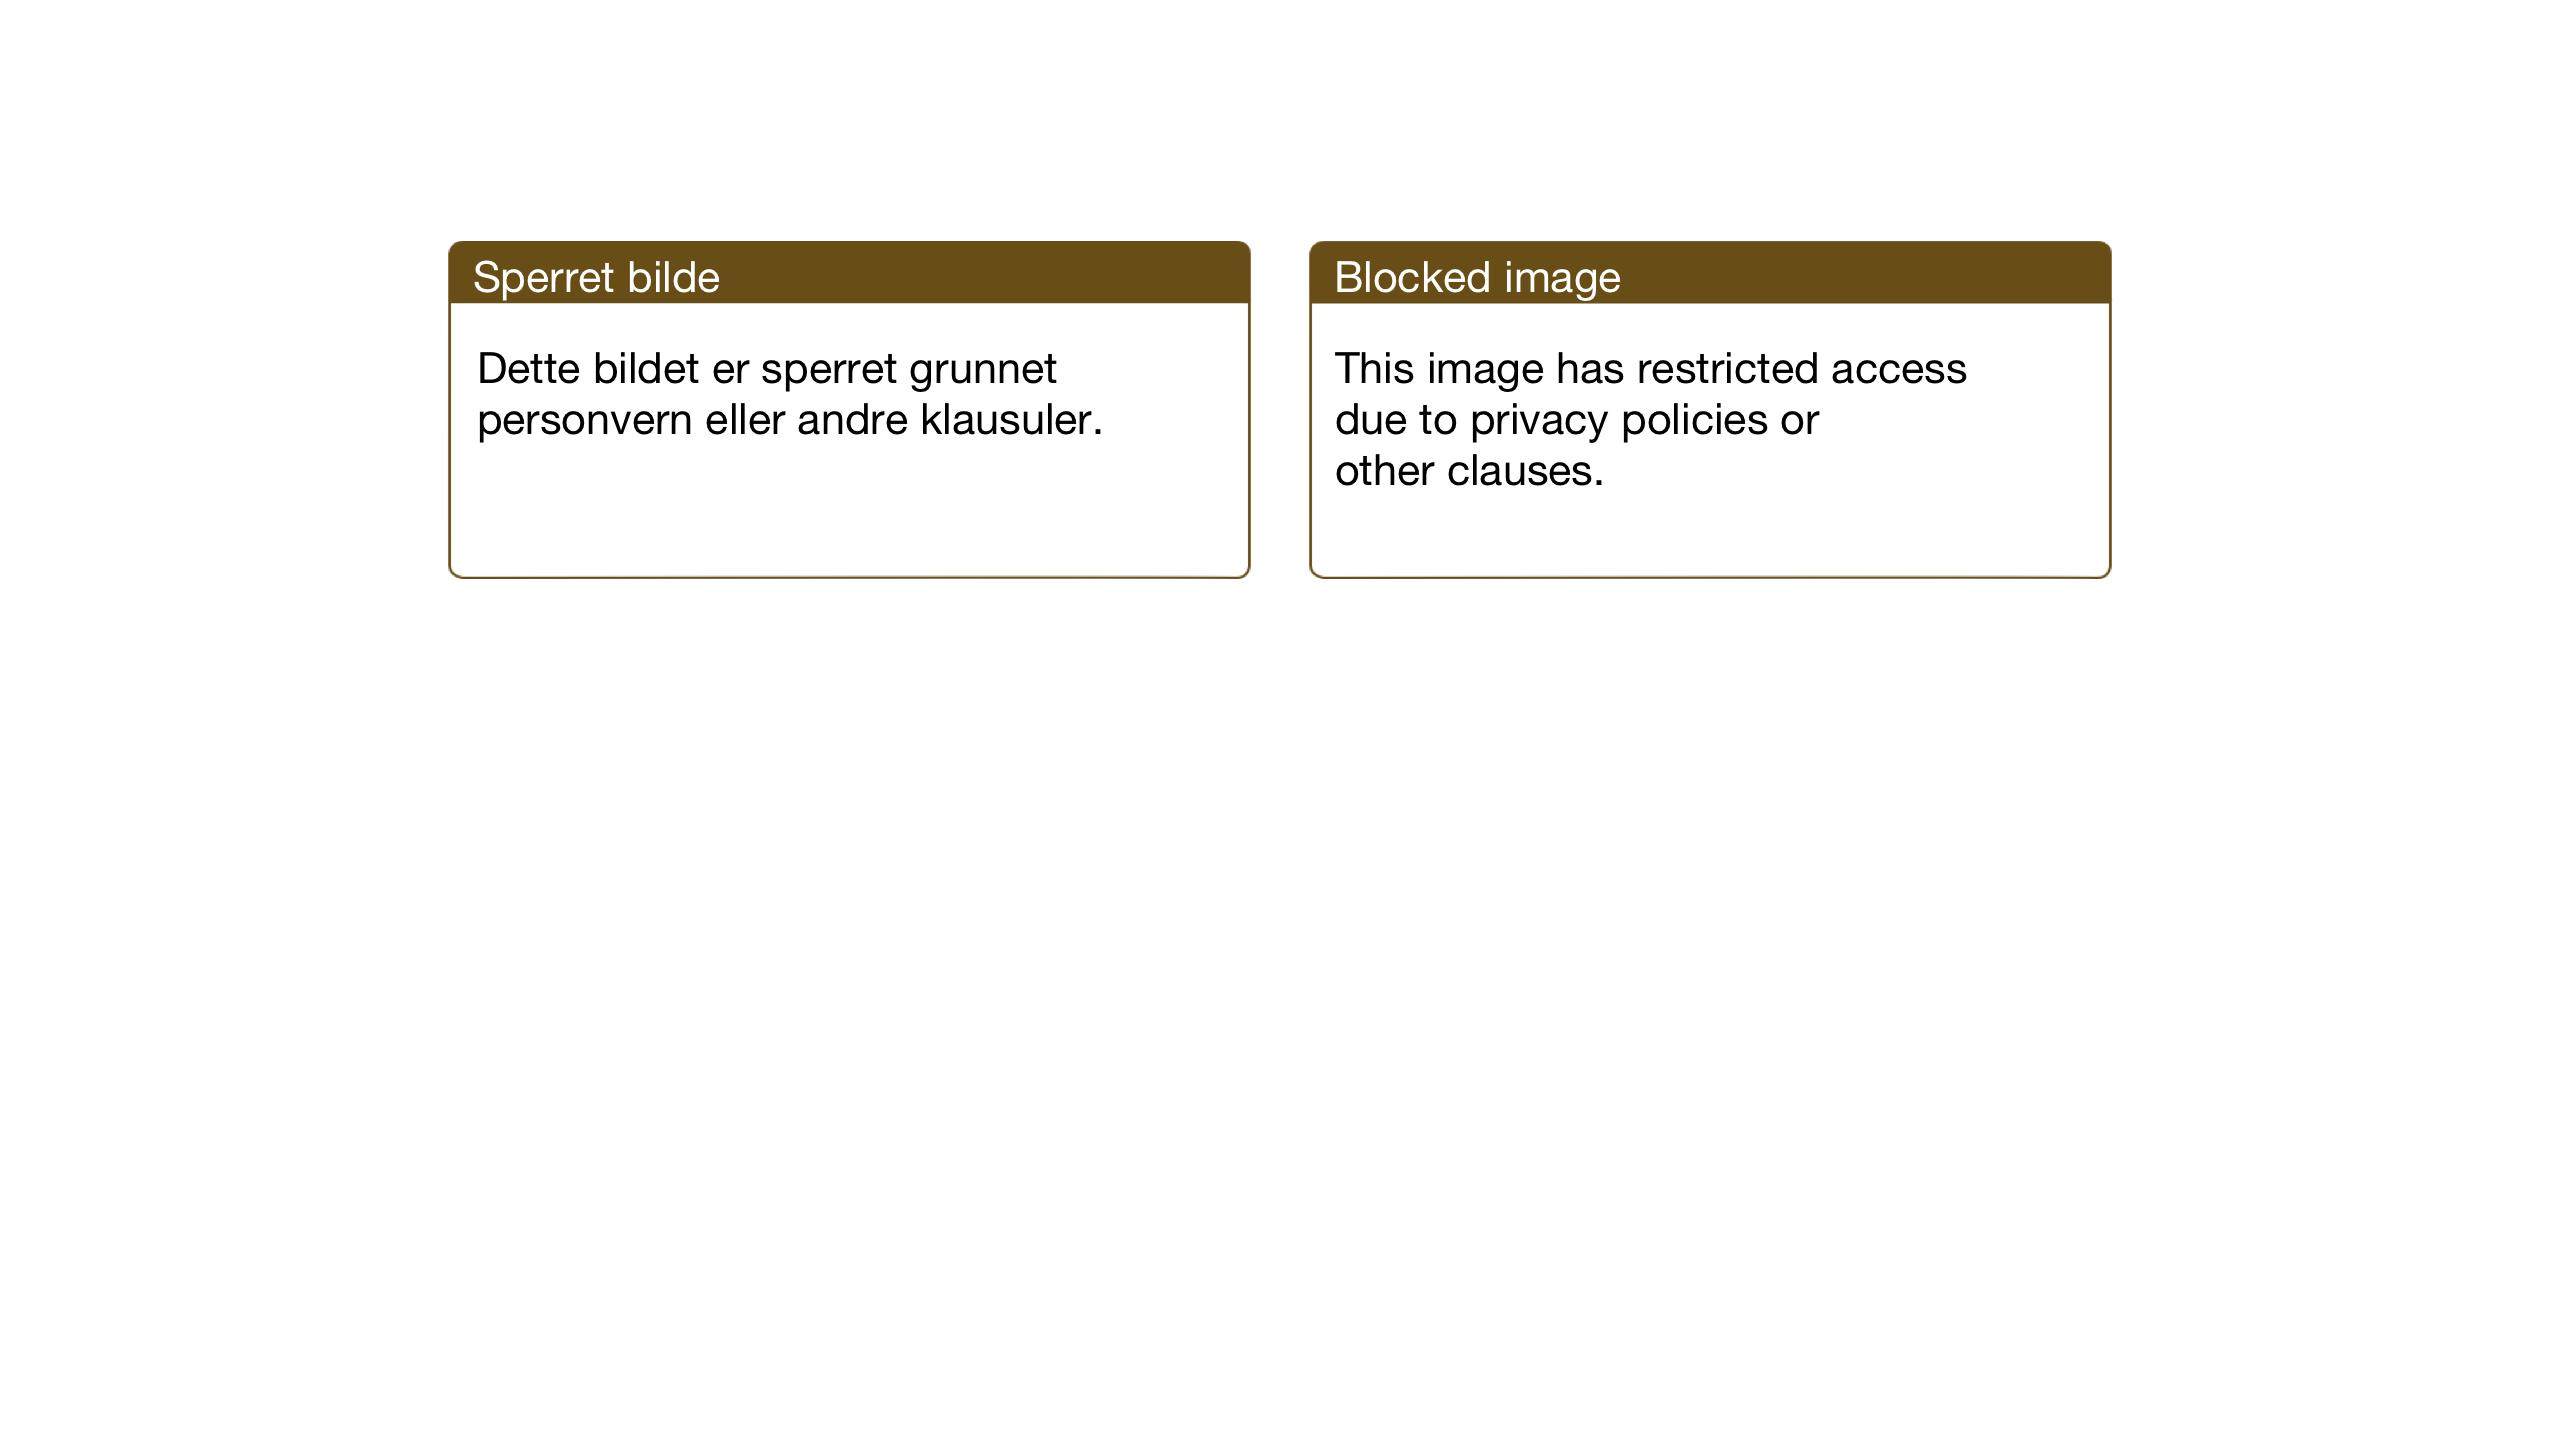 SAT, Ministerialprotokoller, klokkerbøker og fødselsregistre - Sør-Trøndelag, 633/L0521: Klokkerbok nr. 633C03, 1921-1941, s. 84